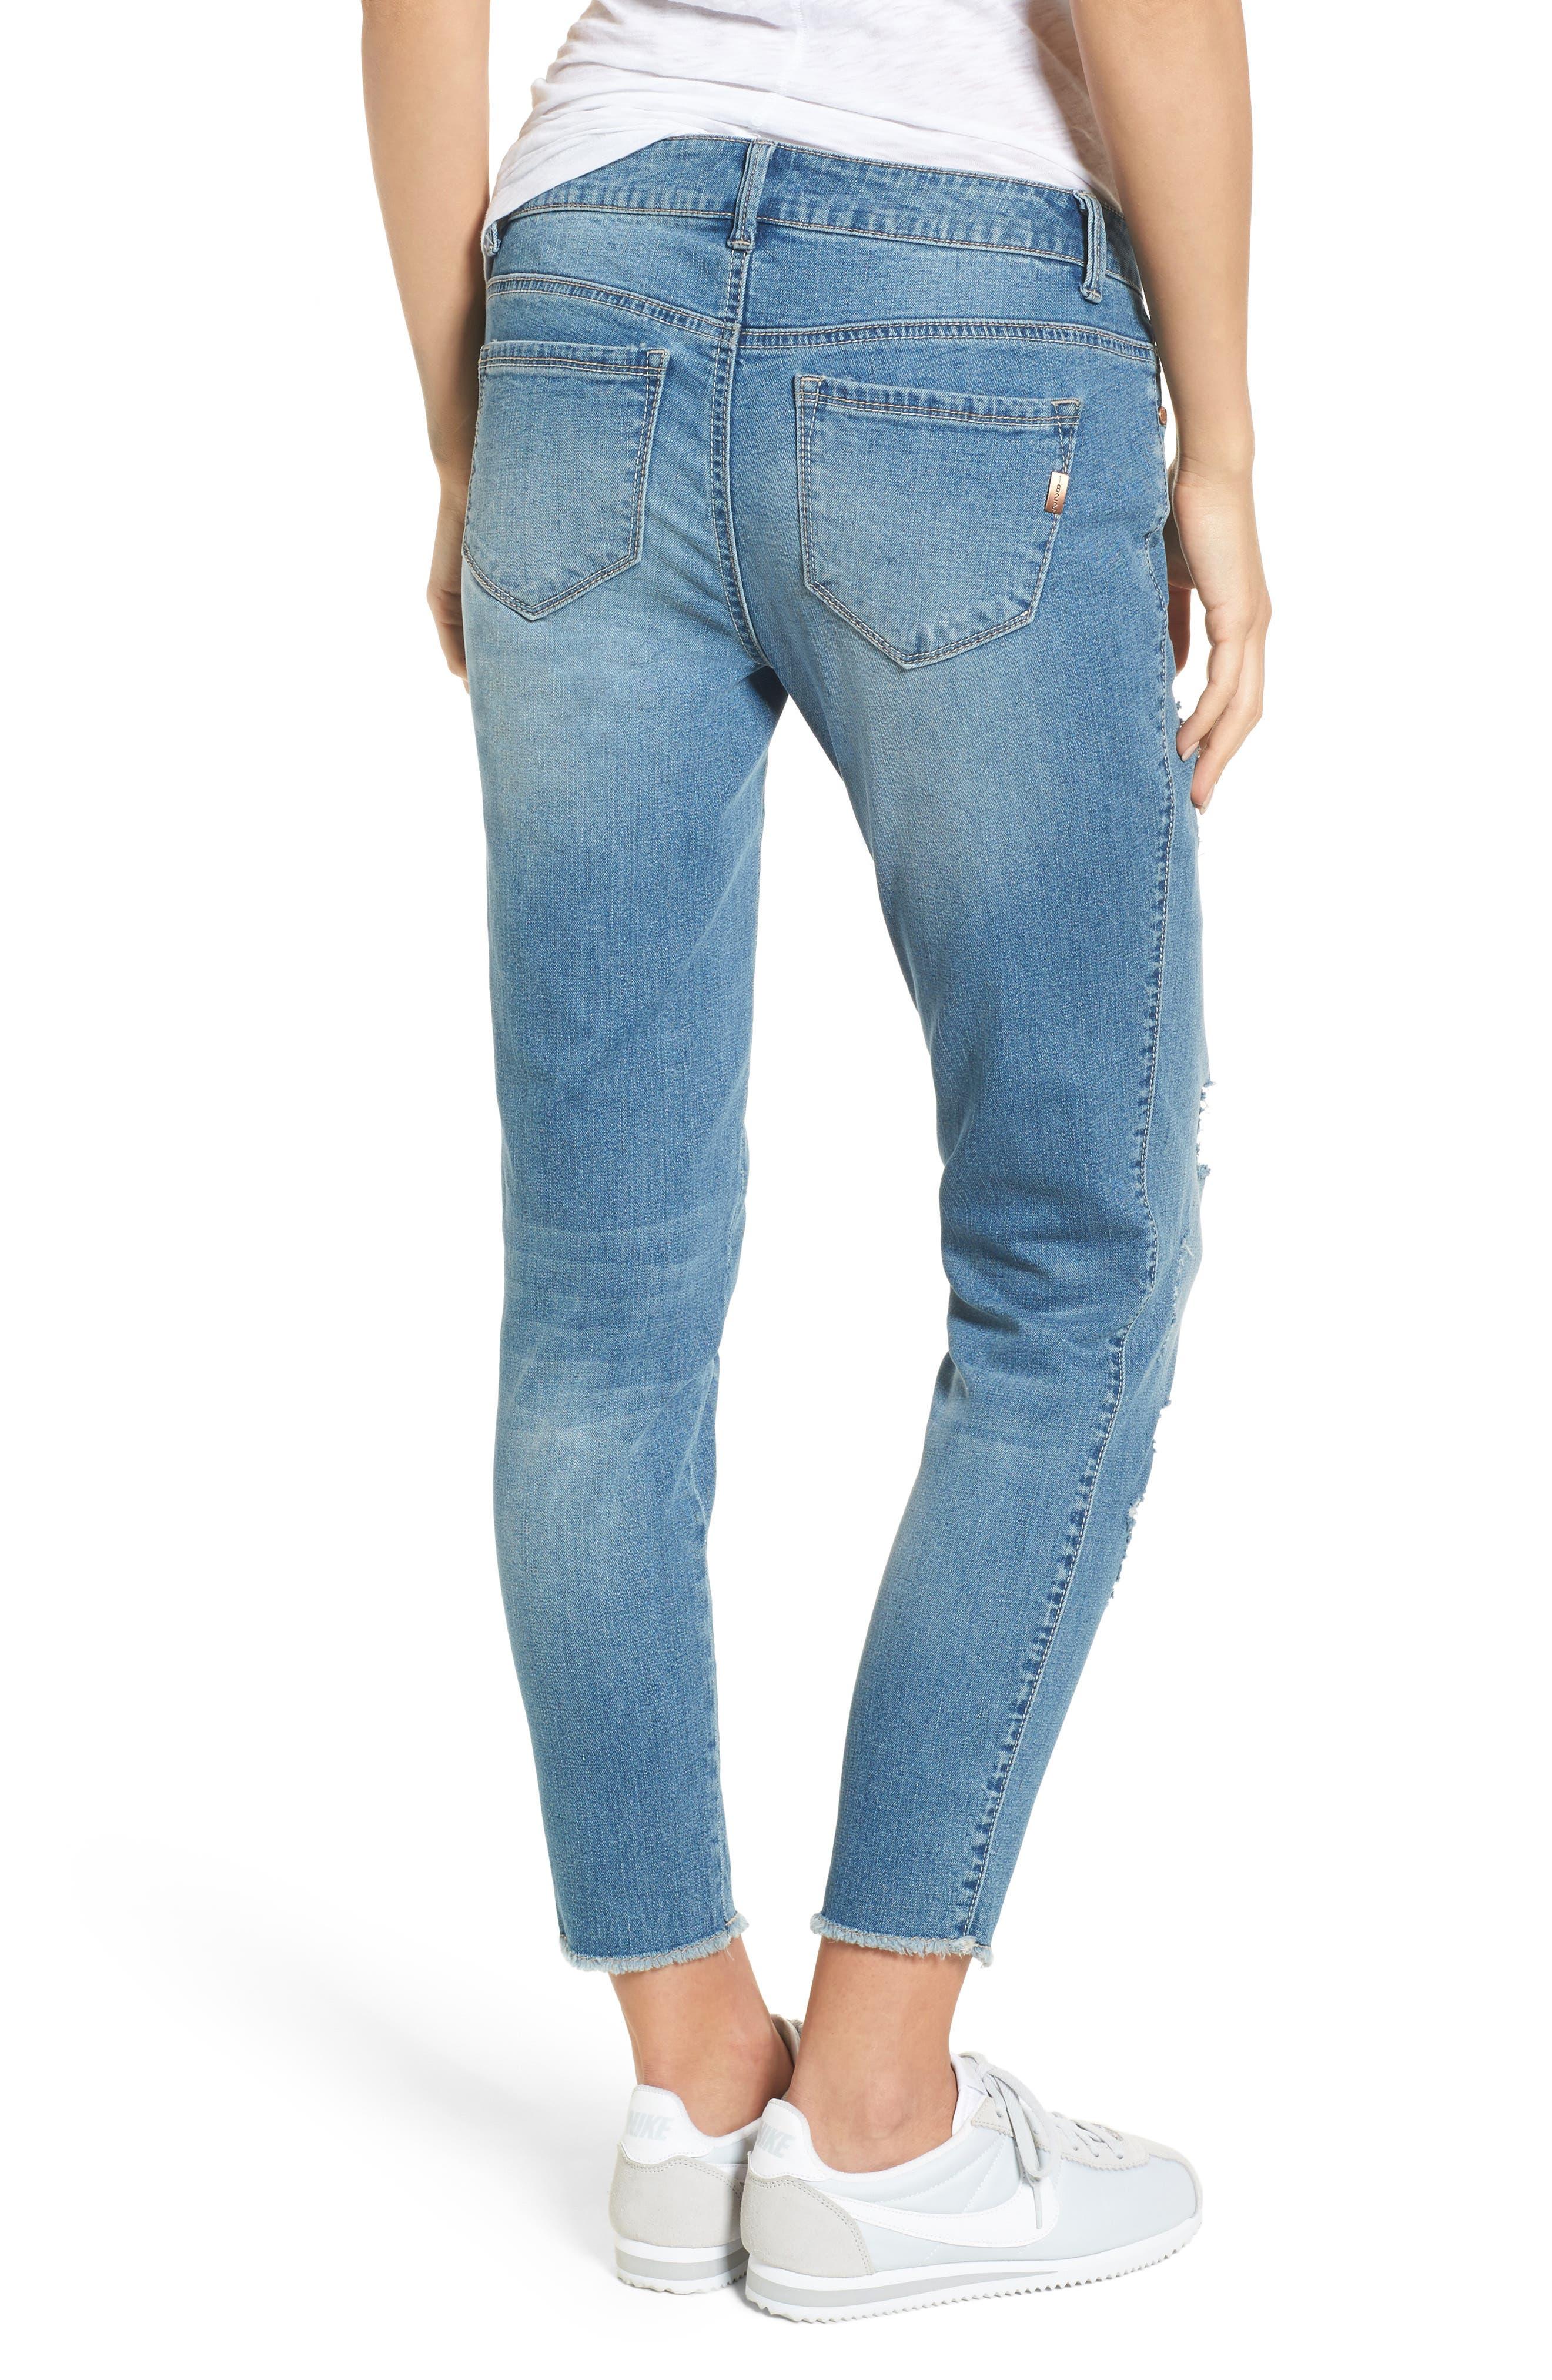 Rip & Repair Ankle Skinny Jeans,                             Alternate thumbnail 2, color,                             Pearl Jam